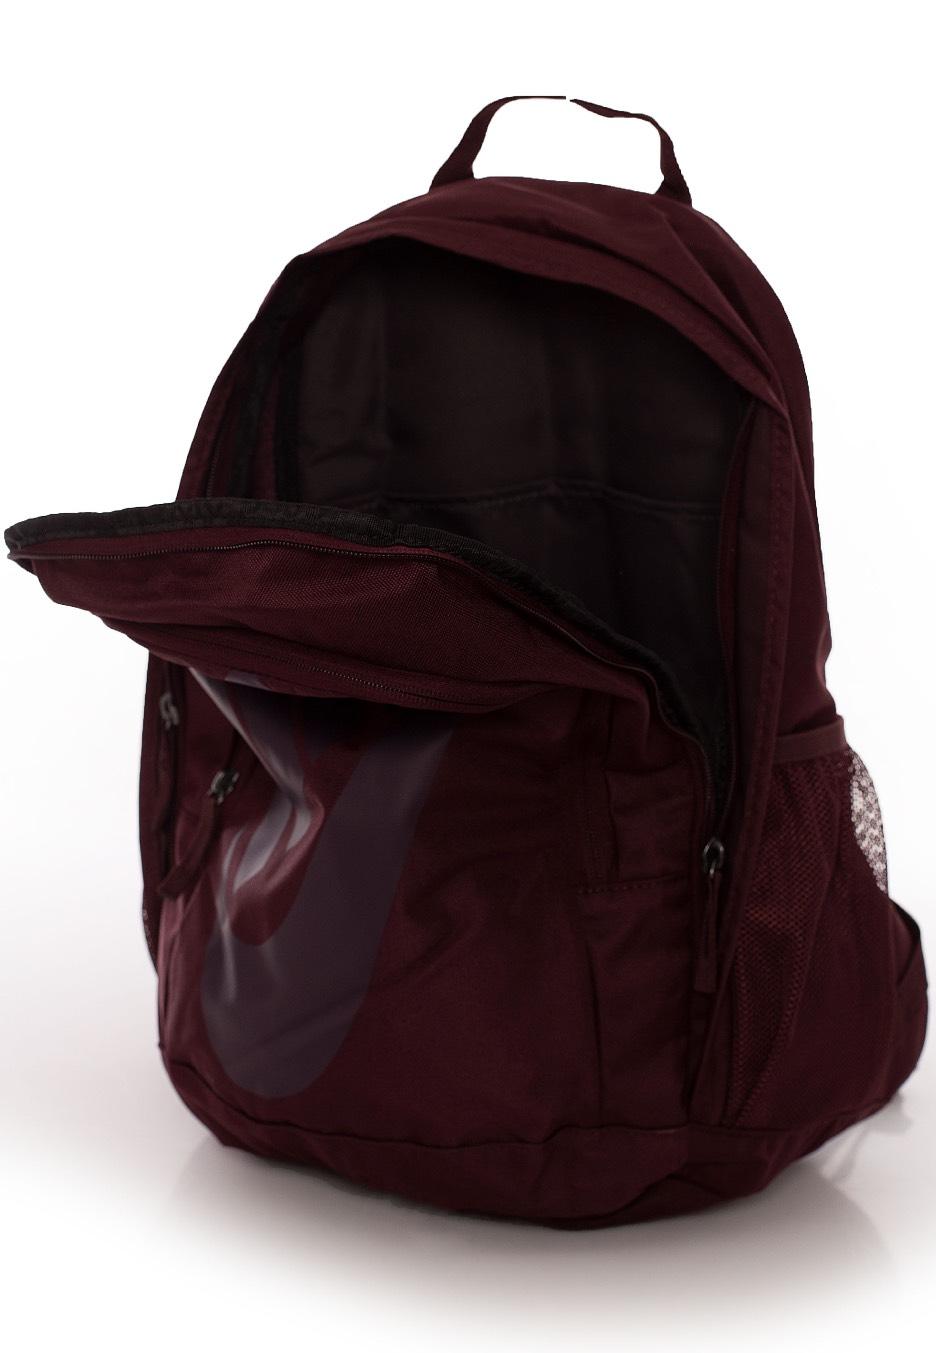 ... Nike - Hayward Futura Burgundy Crush Burgundy Ash - Backpack ... c7e518d70e